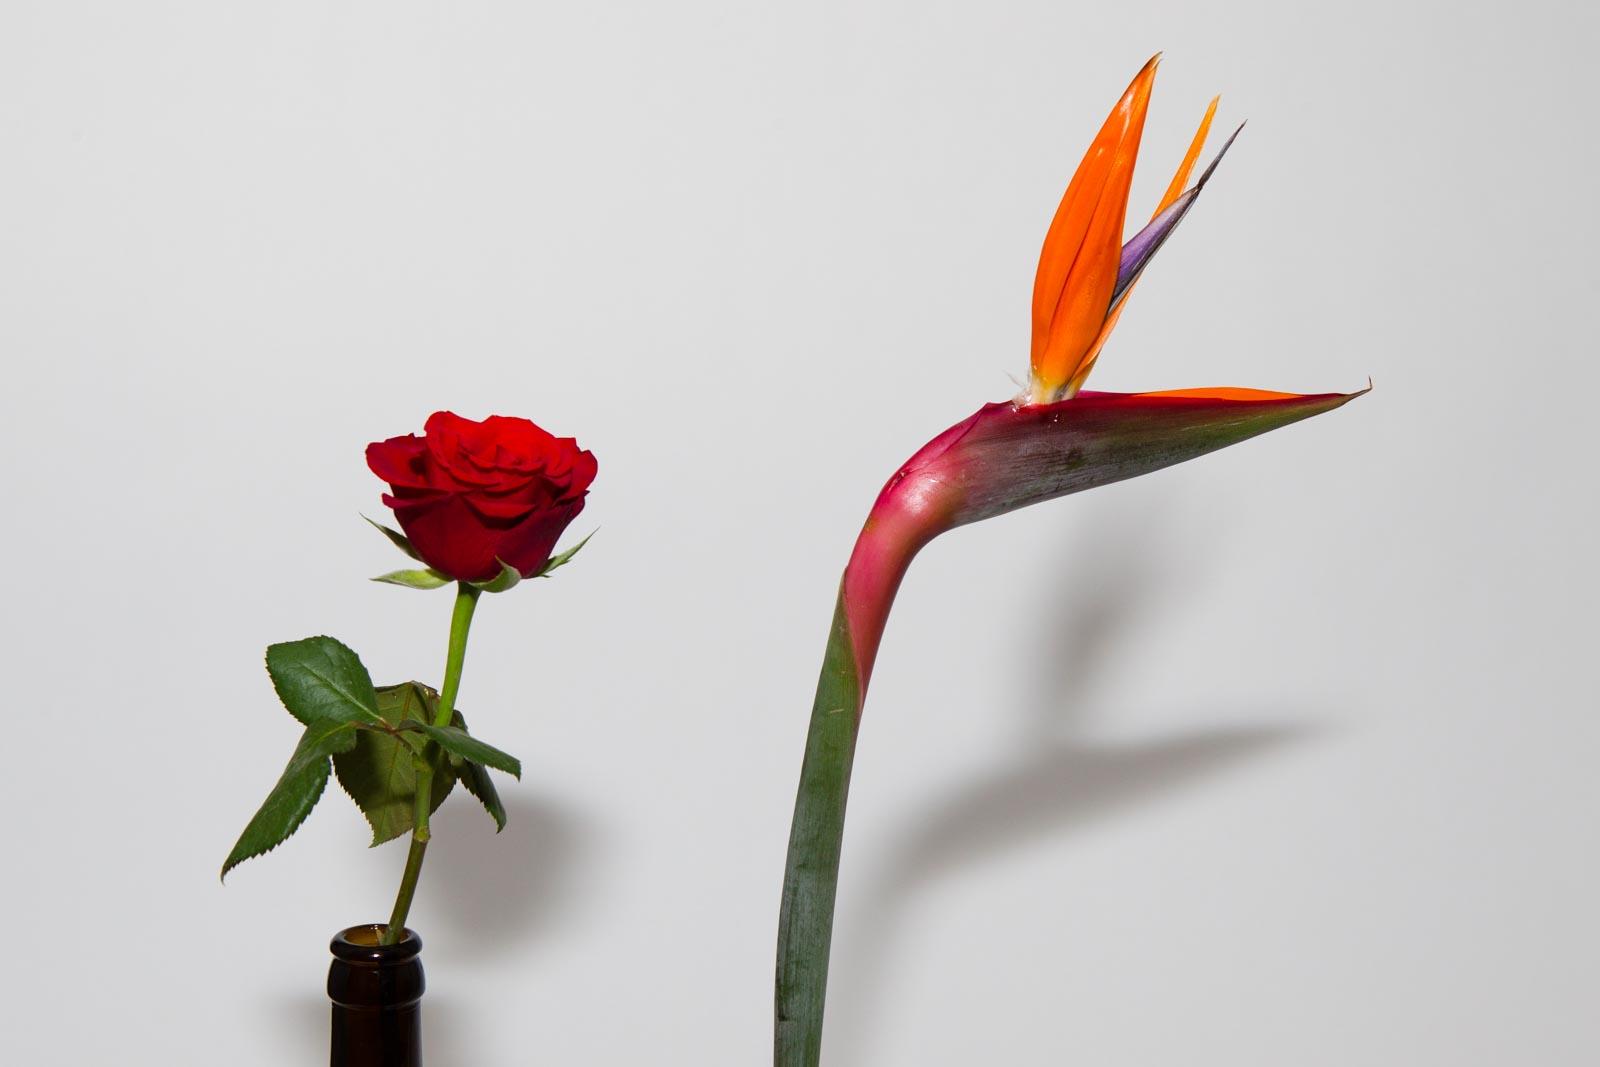 Bloemen gefotografeerd met een externe flitser en omnibounce